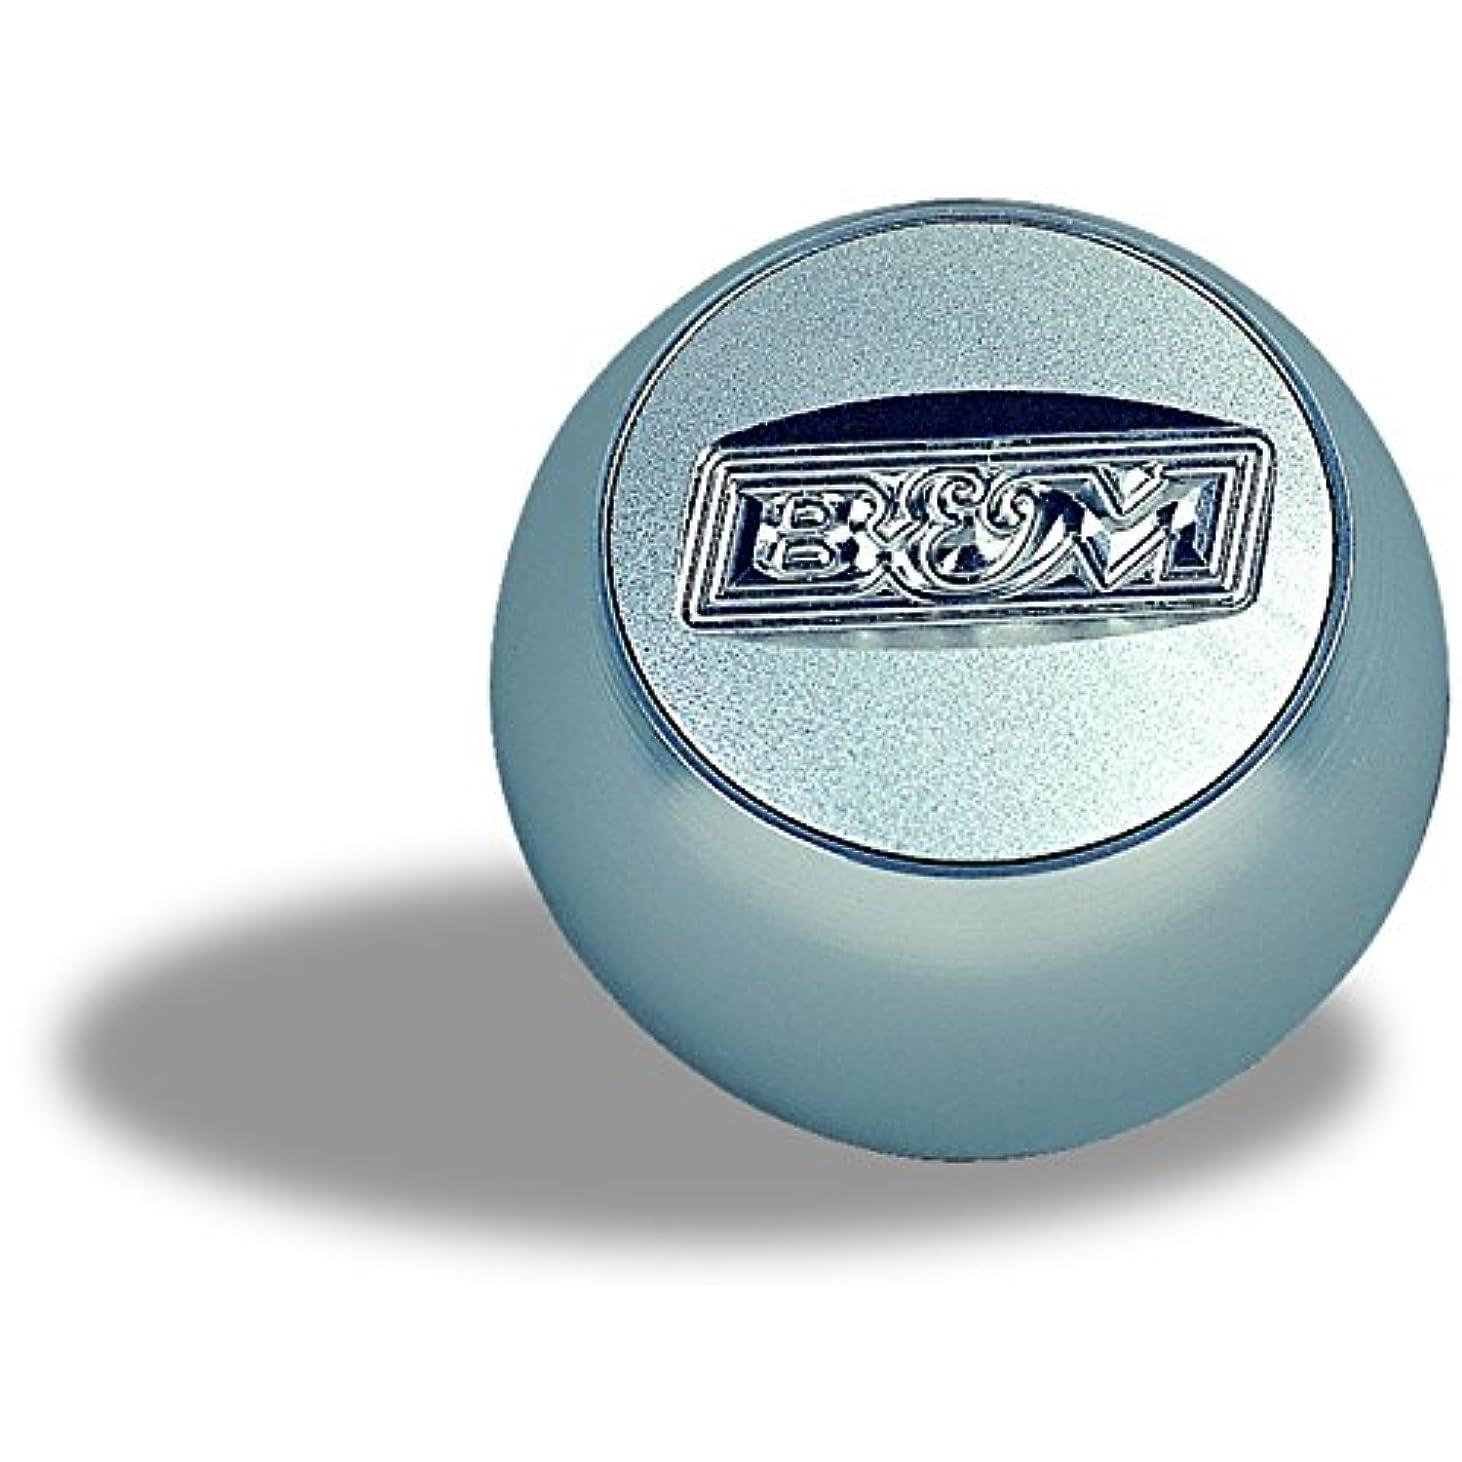 荒れ地毎月状況B&M 80534の鋼片の水銀の手動伝達転位のノブ